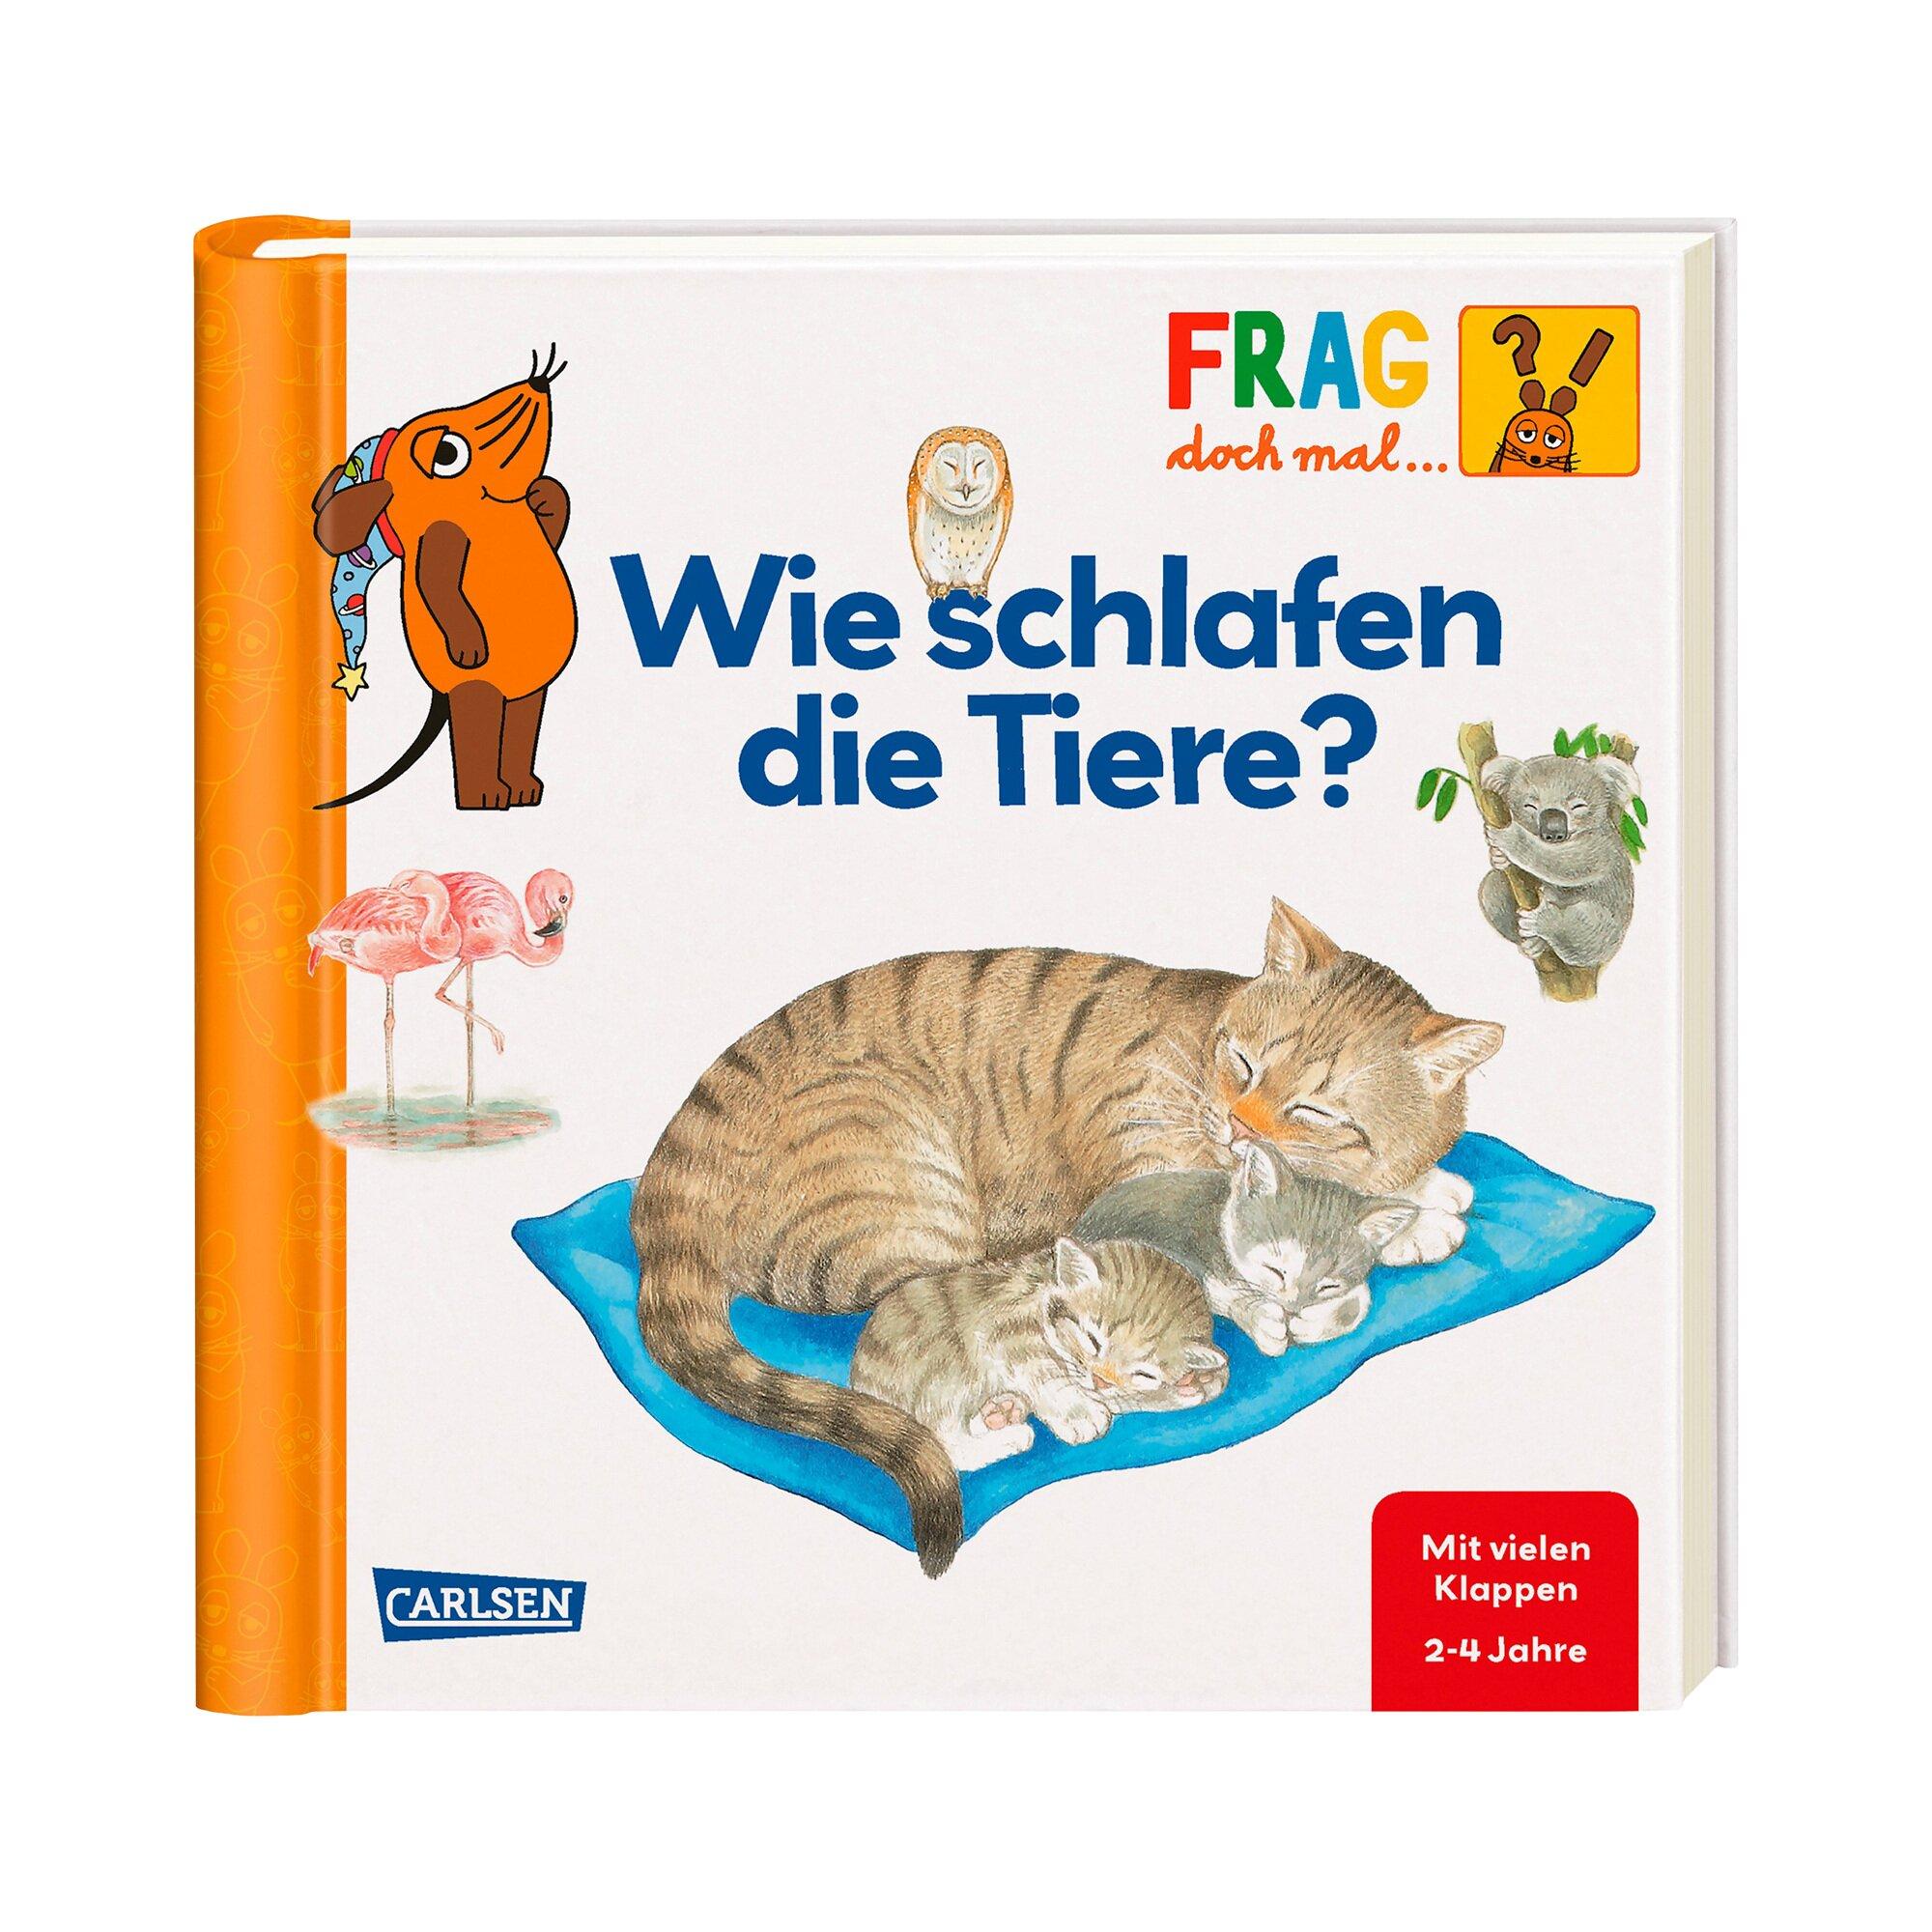 Carlsen Verlag Sachbuch Frag doch mal die Maus - Wie schlafen die Tiere?